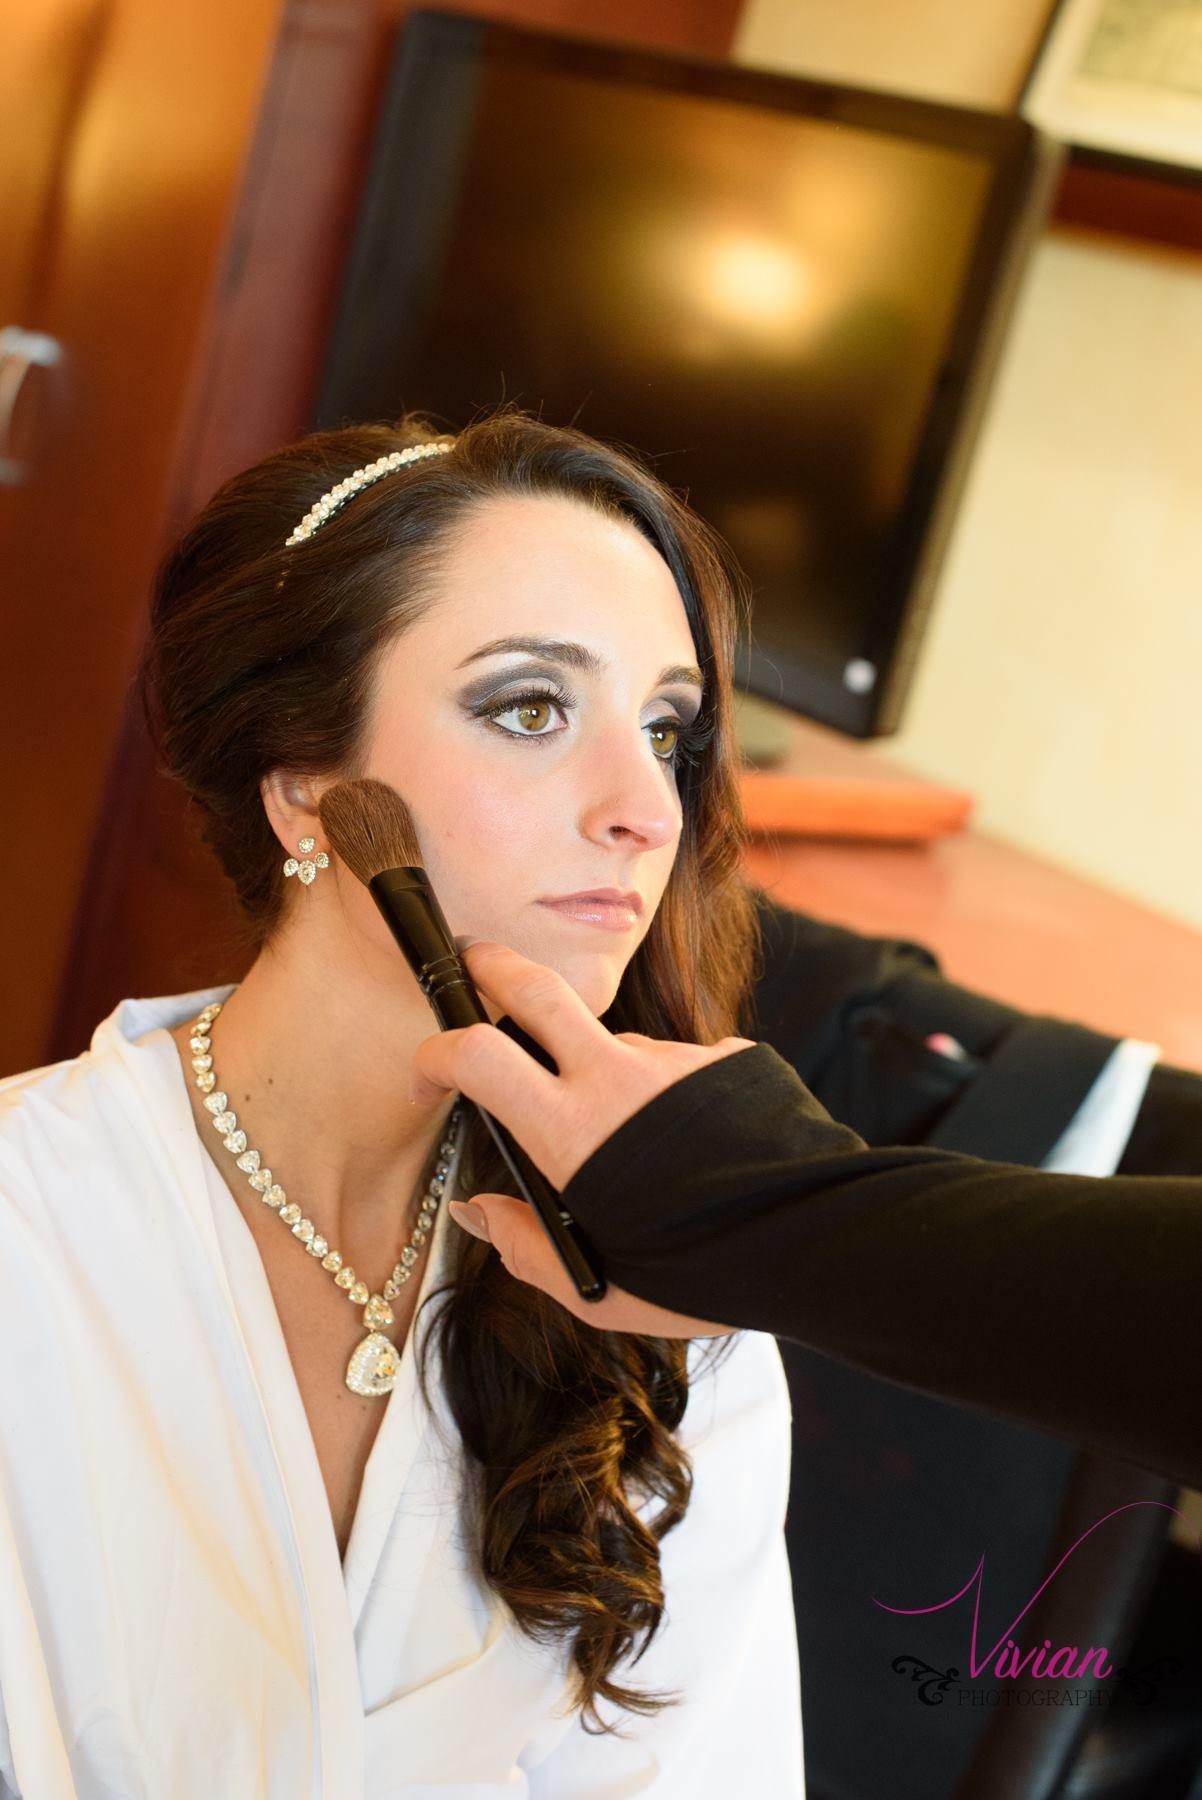 bride-getting-makeup-done-in-robe.jpg